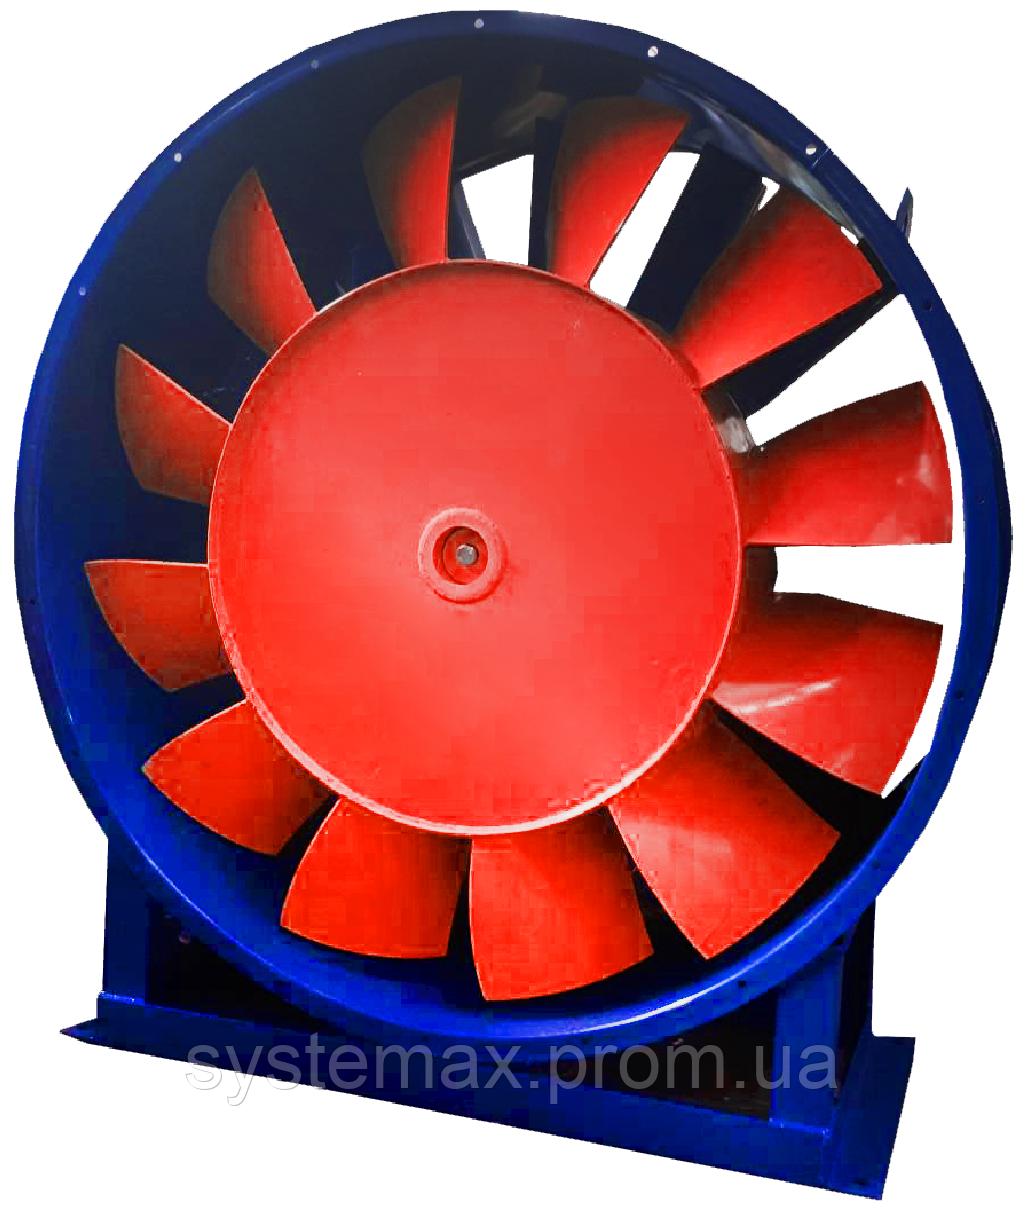 Вентилятор осевой В 2,3-130 №12,5 (ВО-46-130 №12,5)